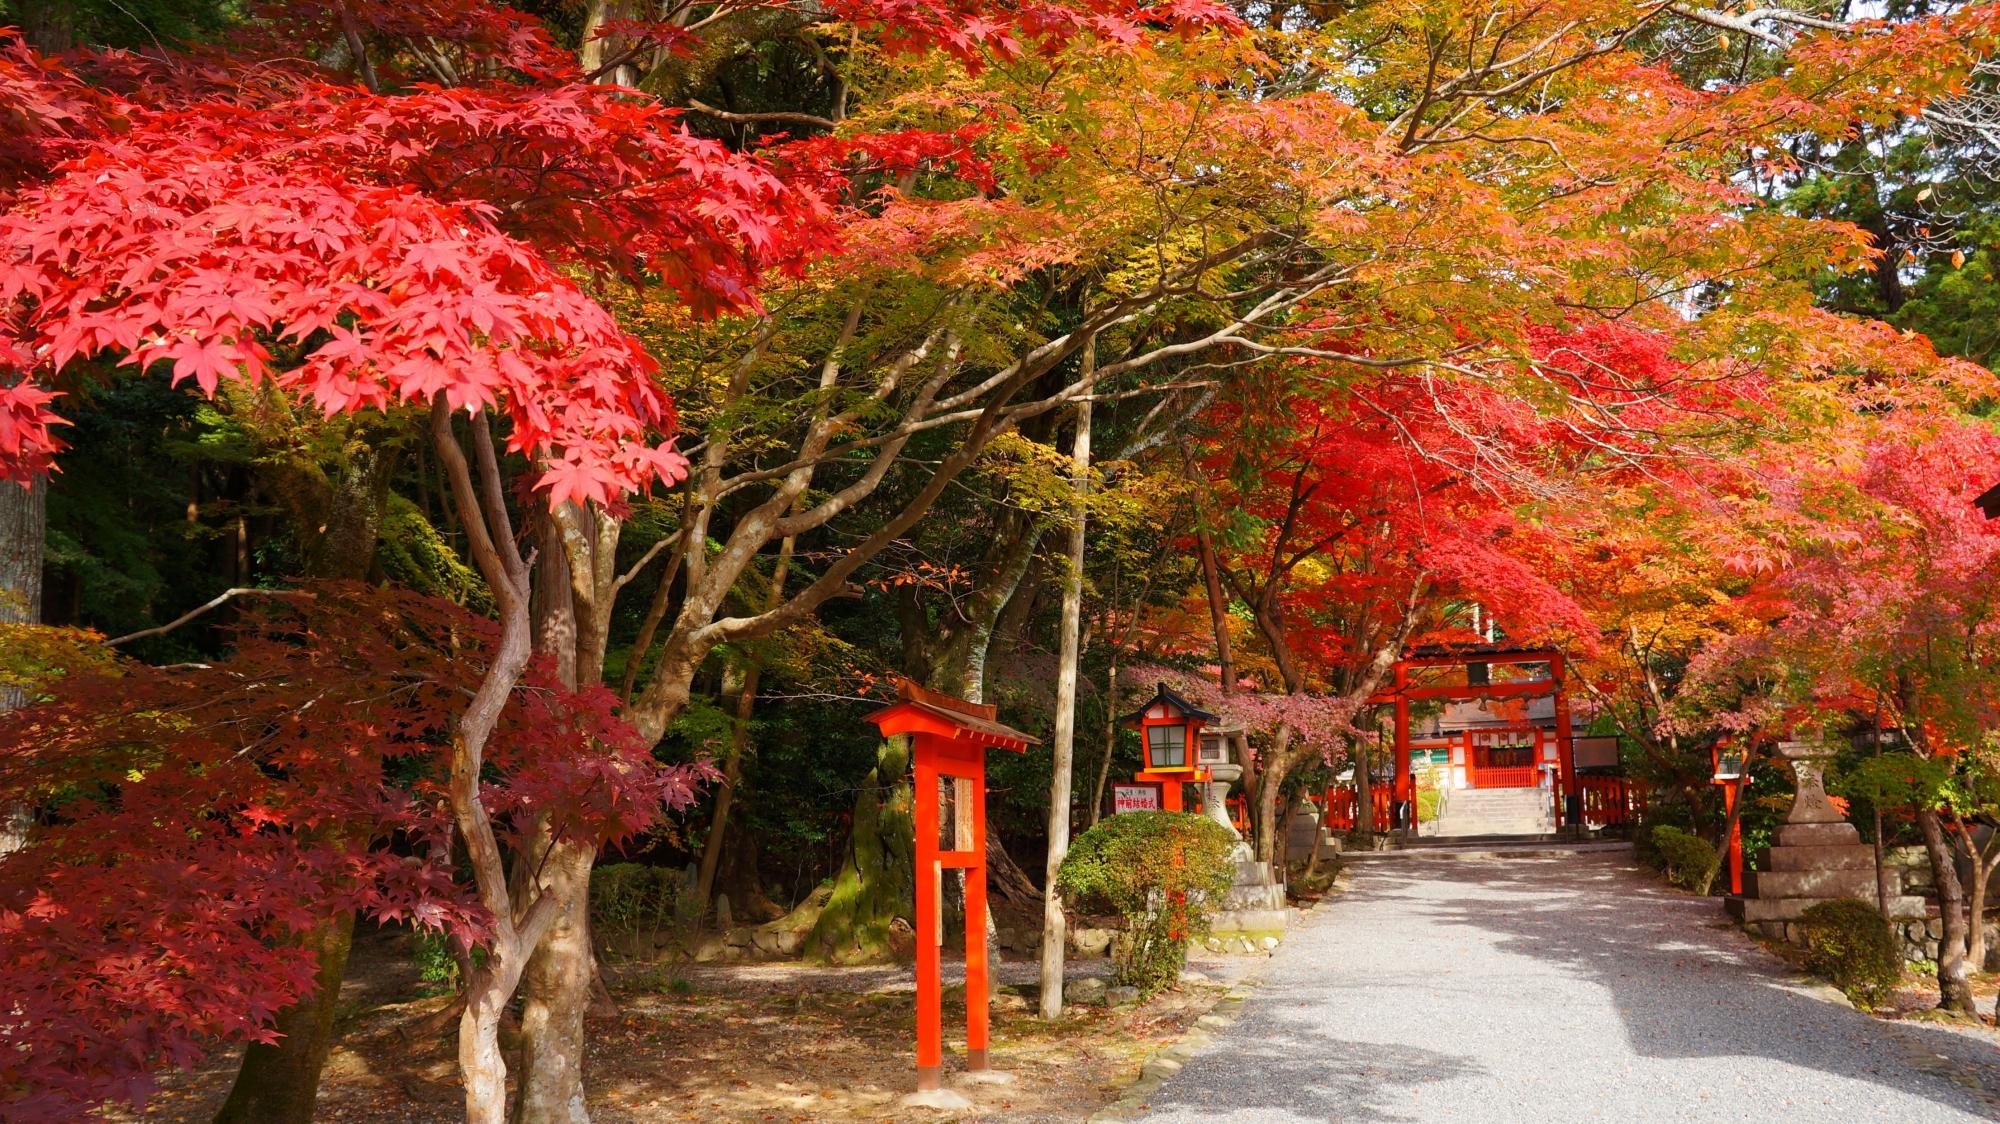 大原野神社の長い参道を彩る鮮やかな紅葉